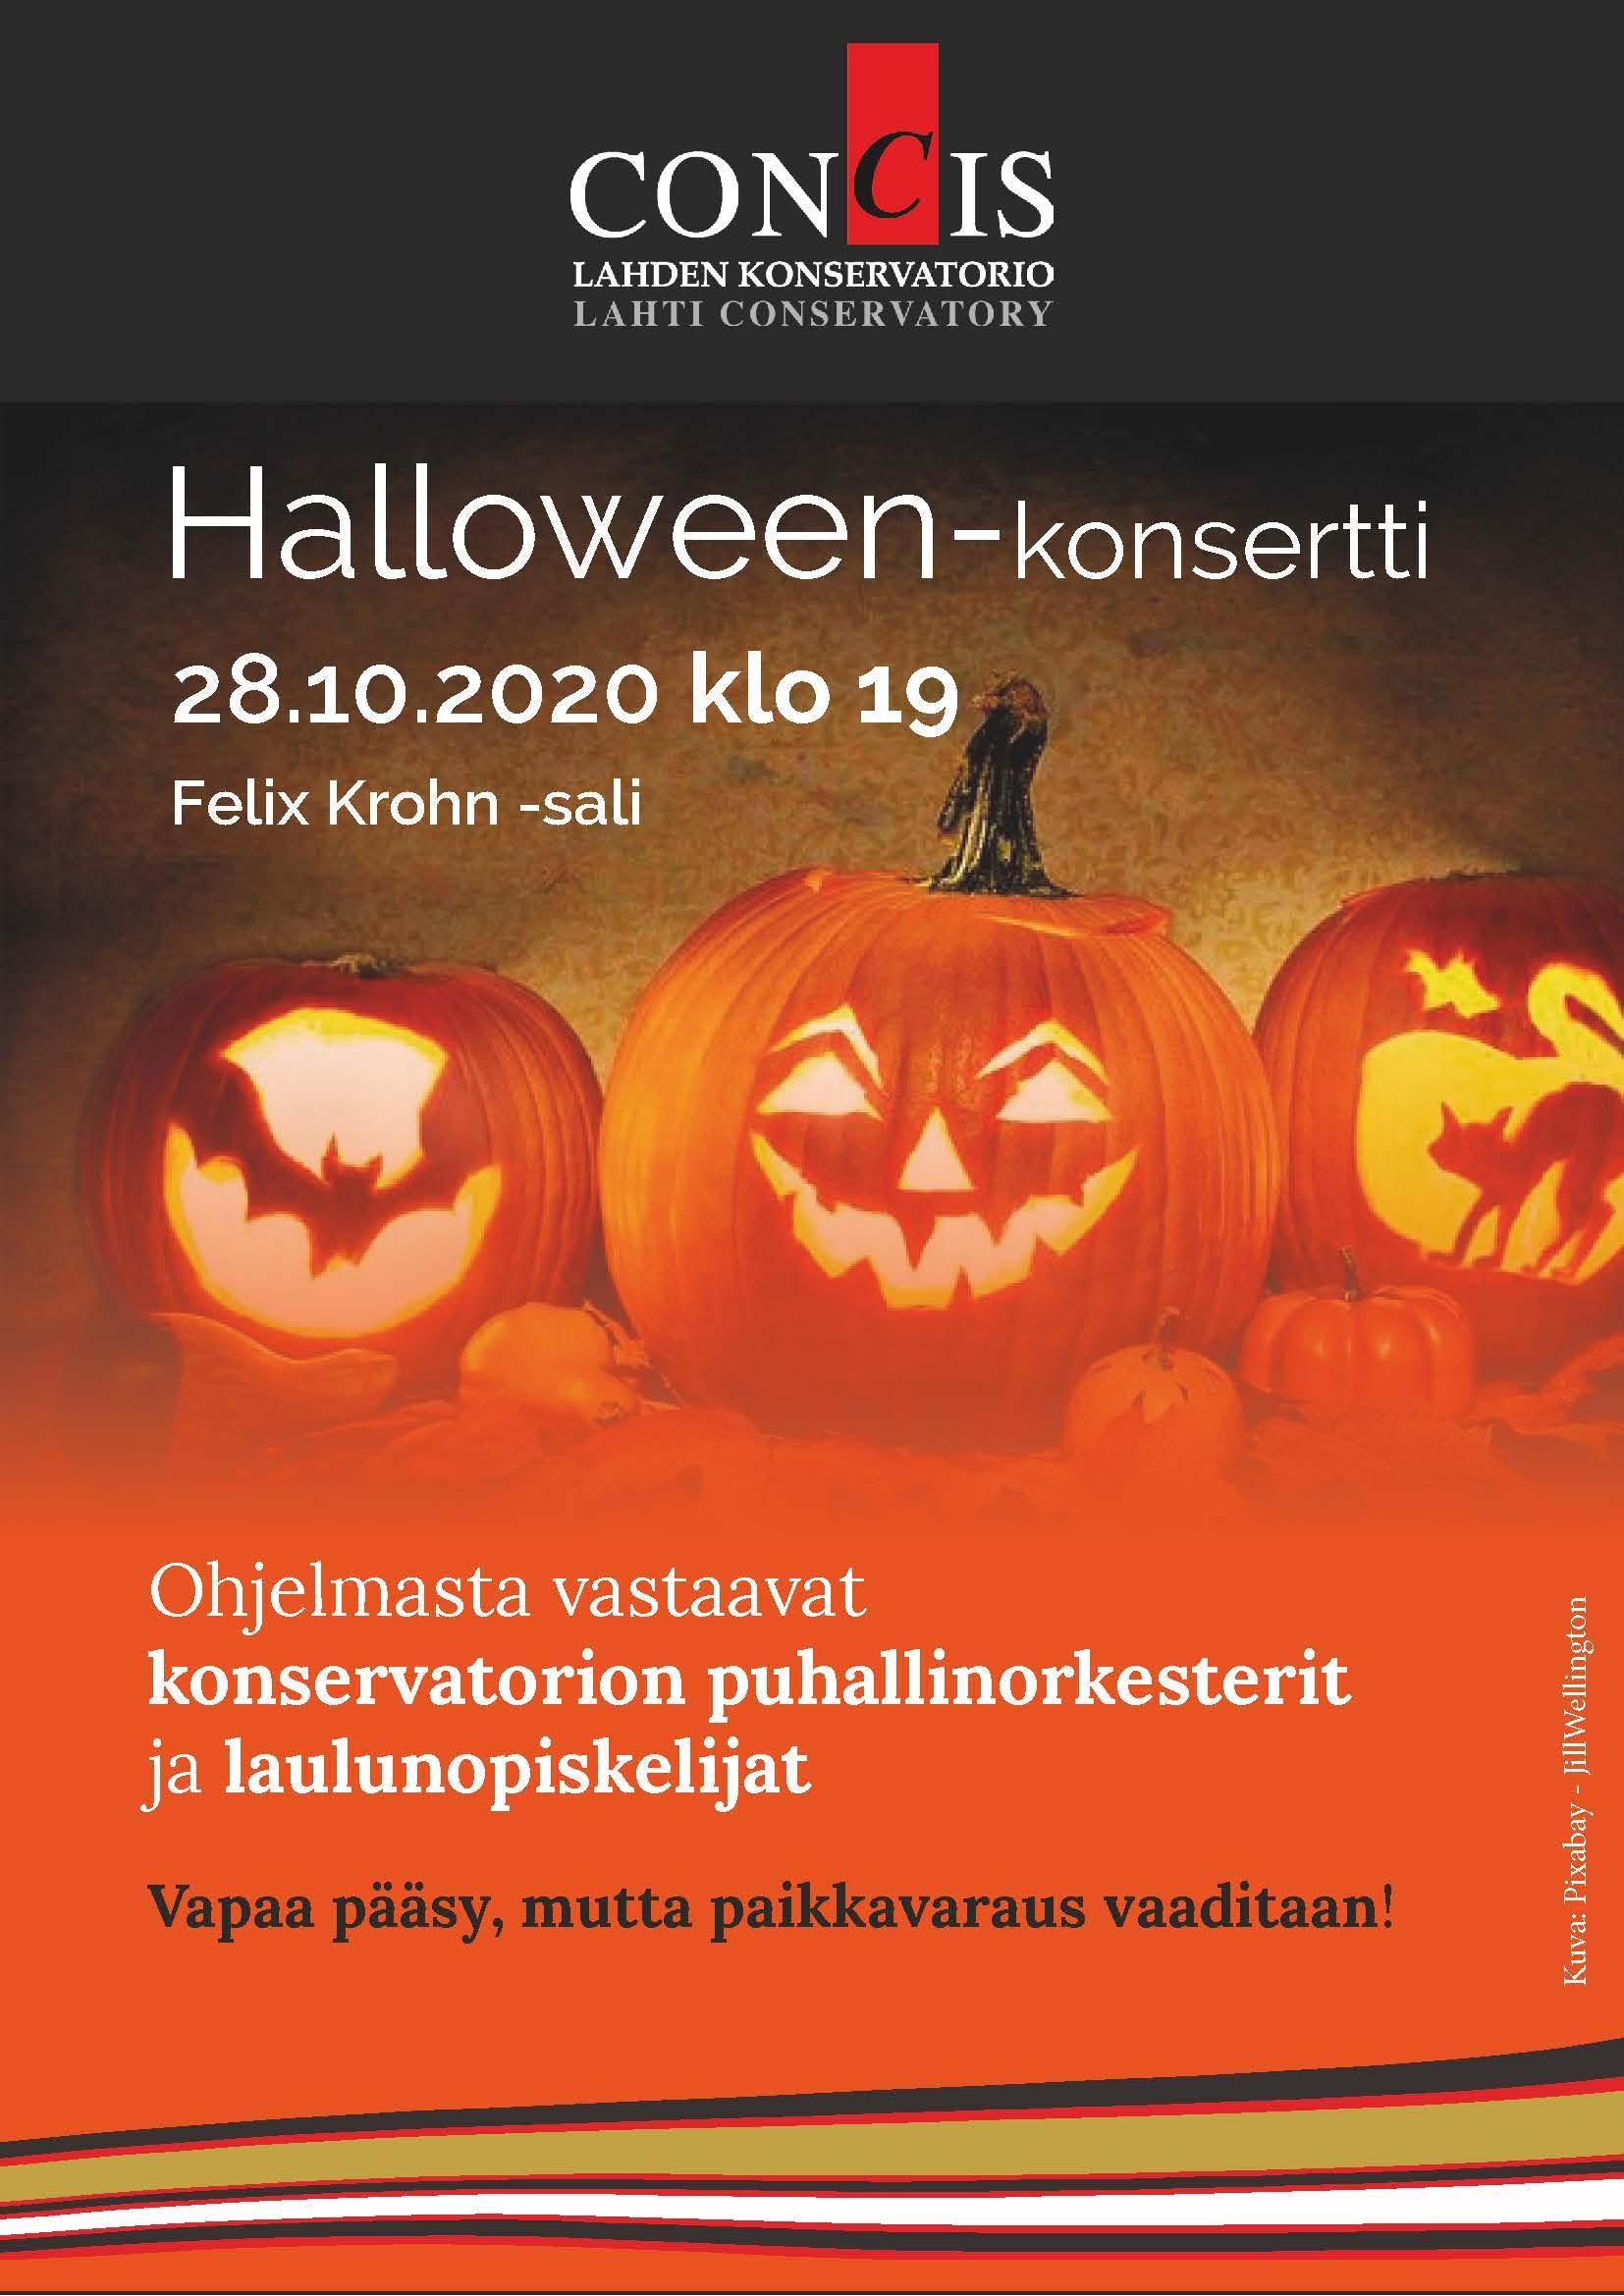 Halloween-konsertin juliste.